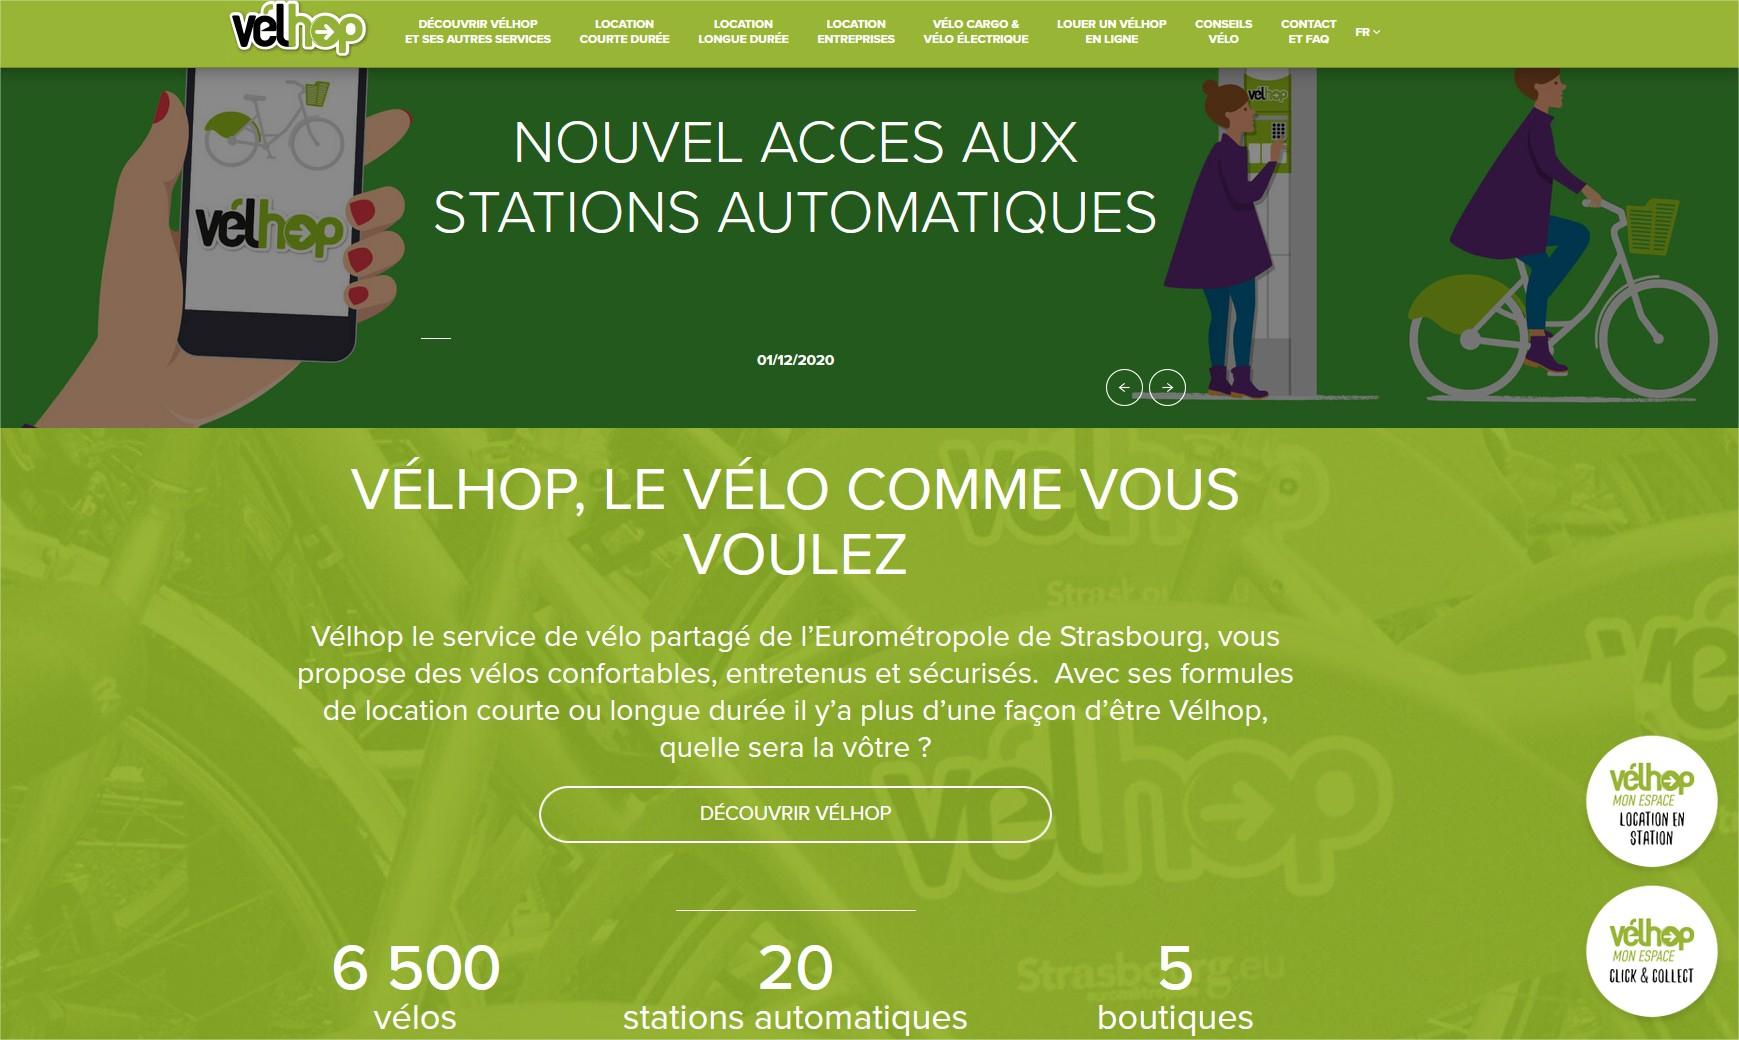 Vélhop, la location de vélo en libre service à Strasbourg Velhop - Mozilla Firefox